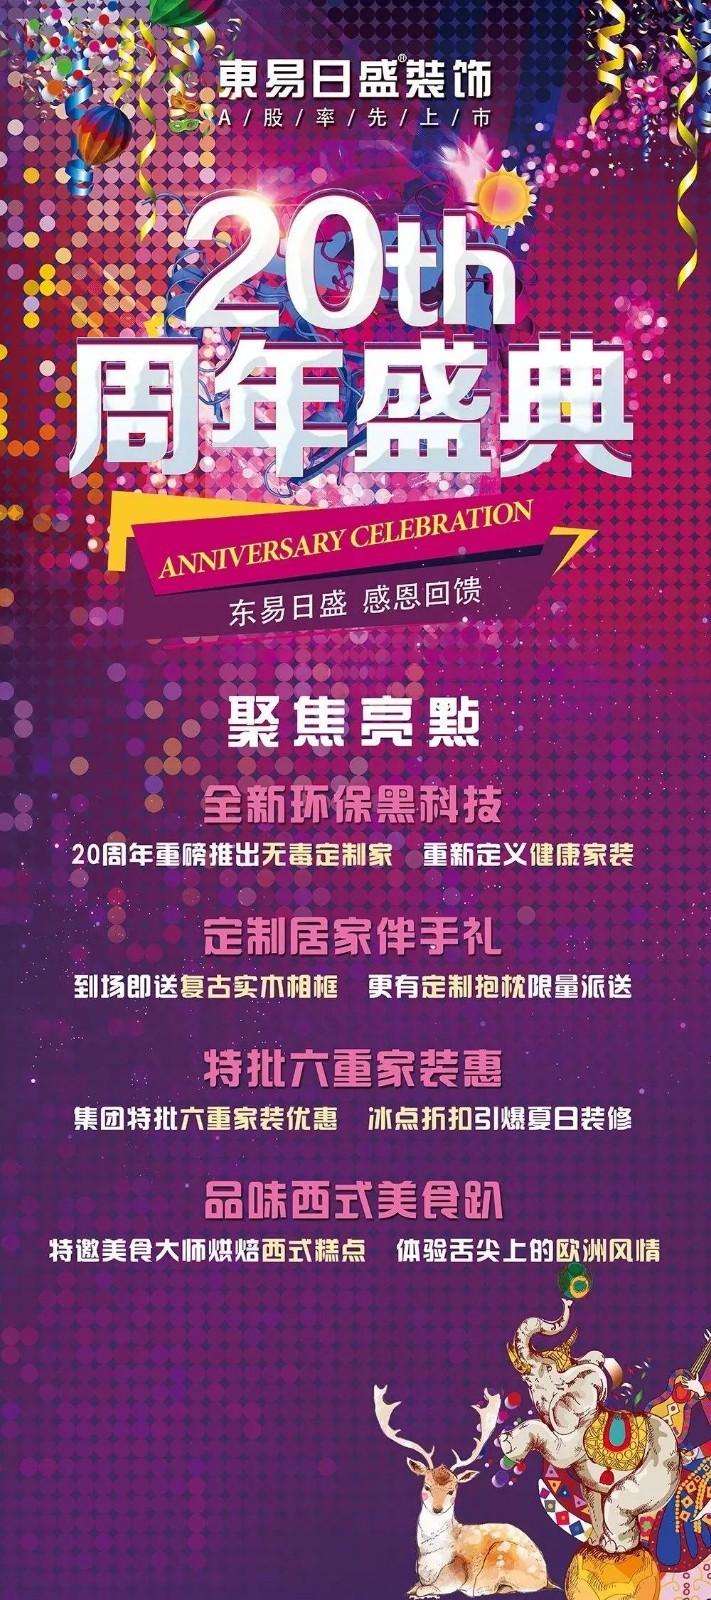 东易日盛20周年庆